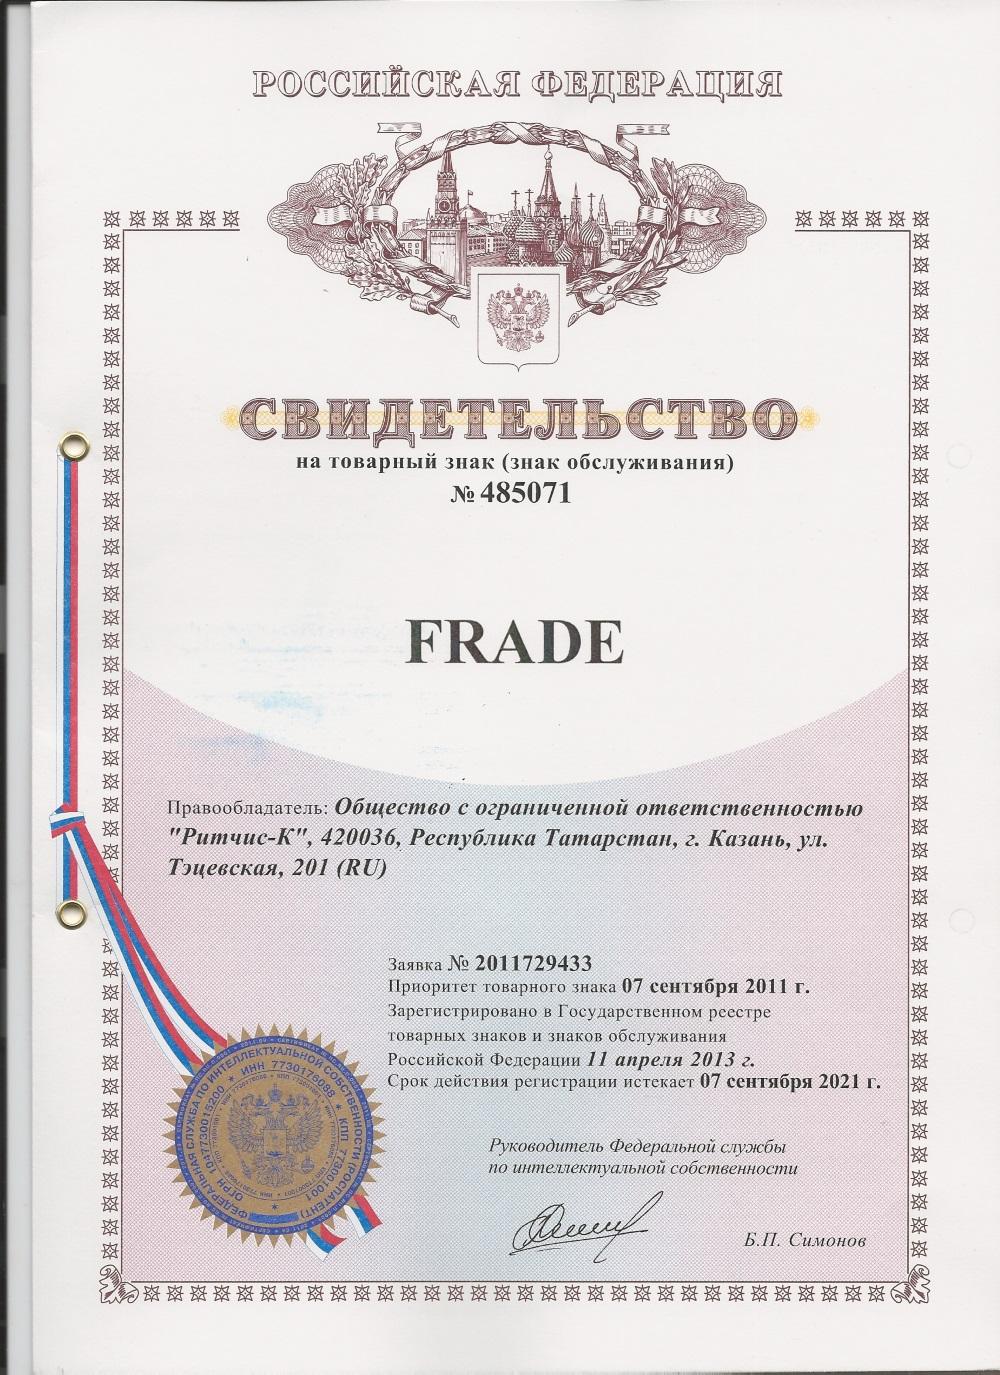 свидетельство на товарный знак Frade